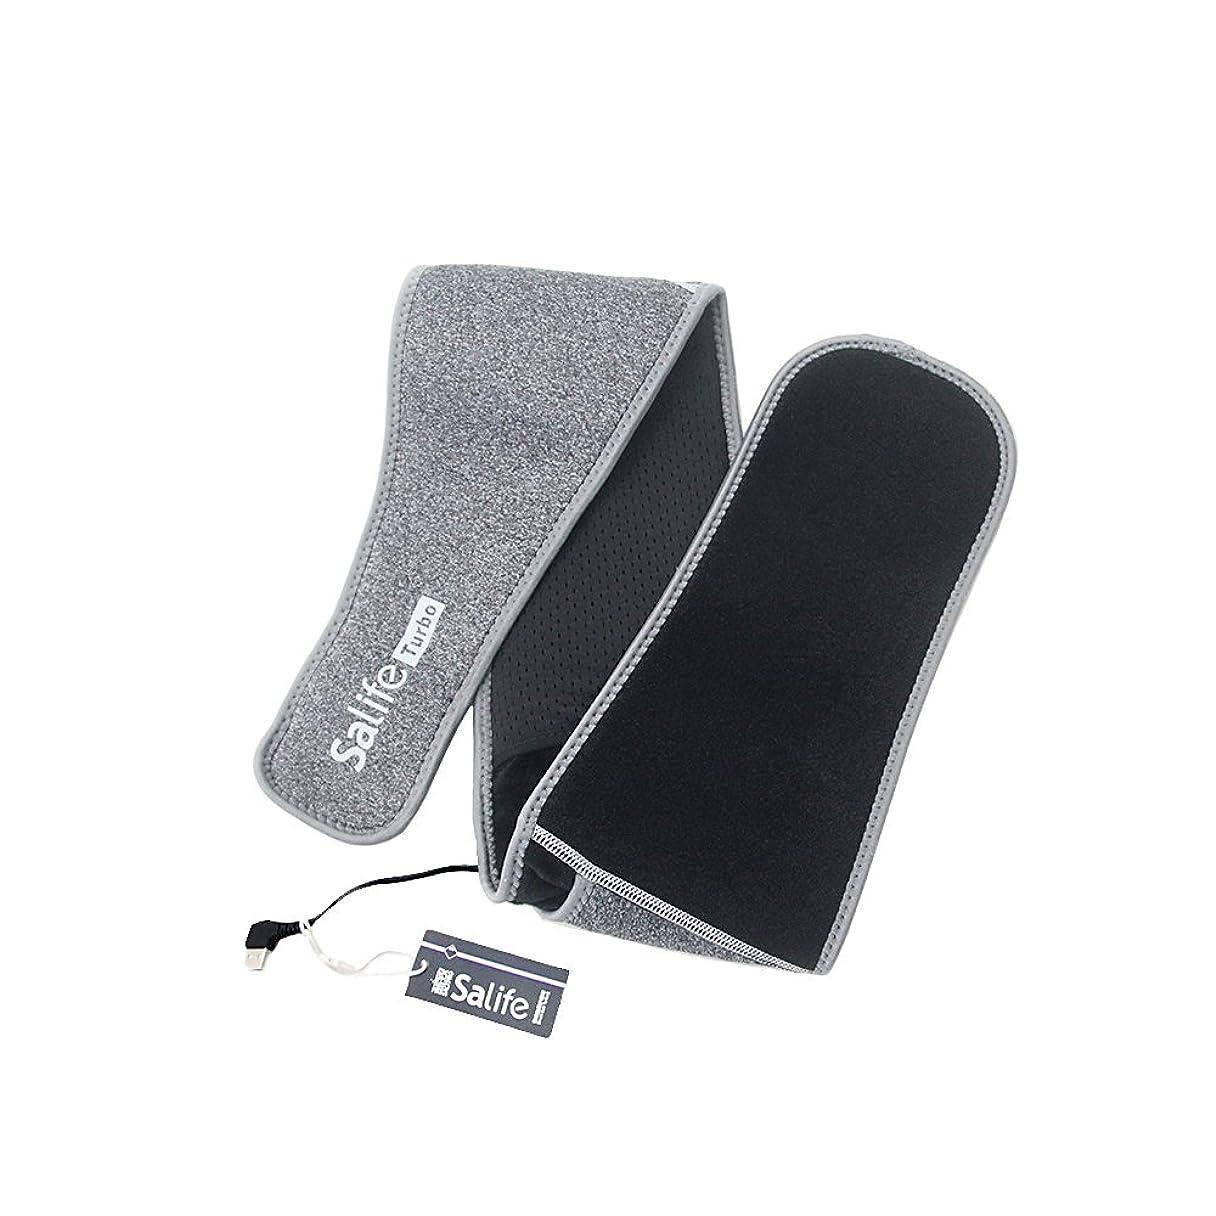 普通のアンビエントおいしいWORBEST SMART BELT 知能灸塩ベルト 三段階温度調節 USB充電式 遠赤外線発熱 冷え性対策 ストレス解消 腰痛 お腹温める ダイエット